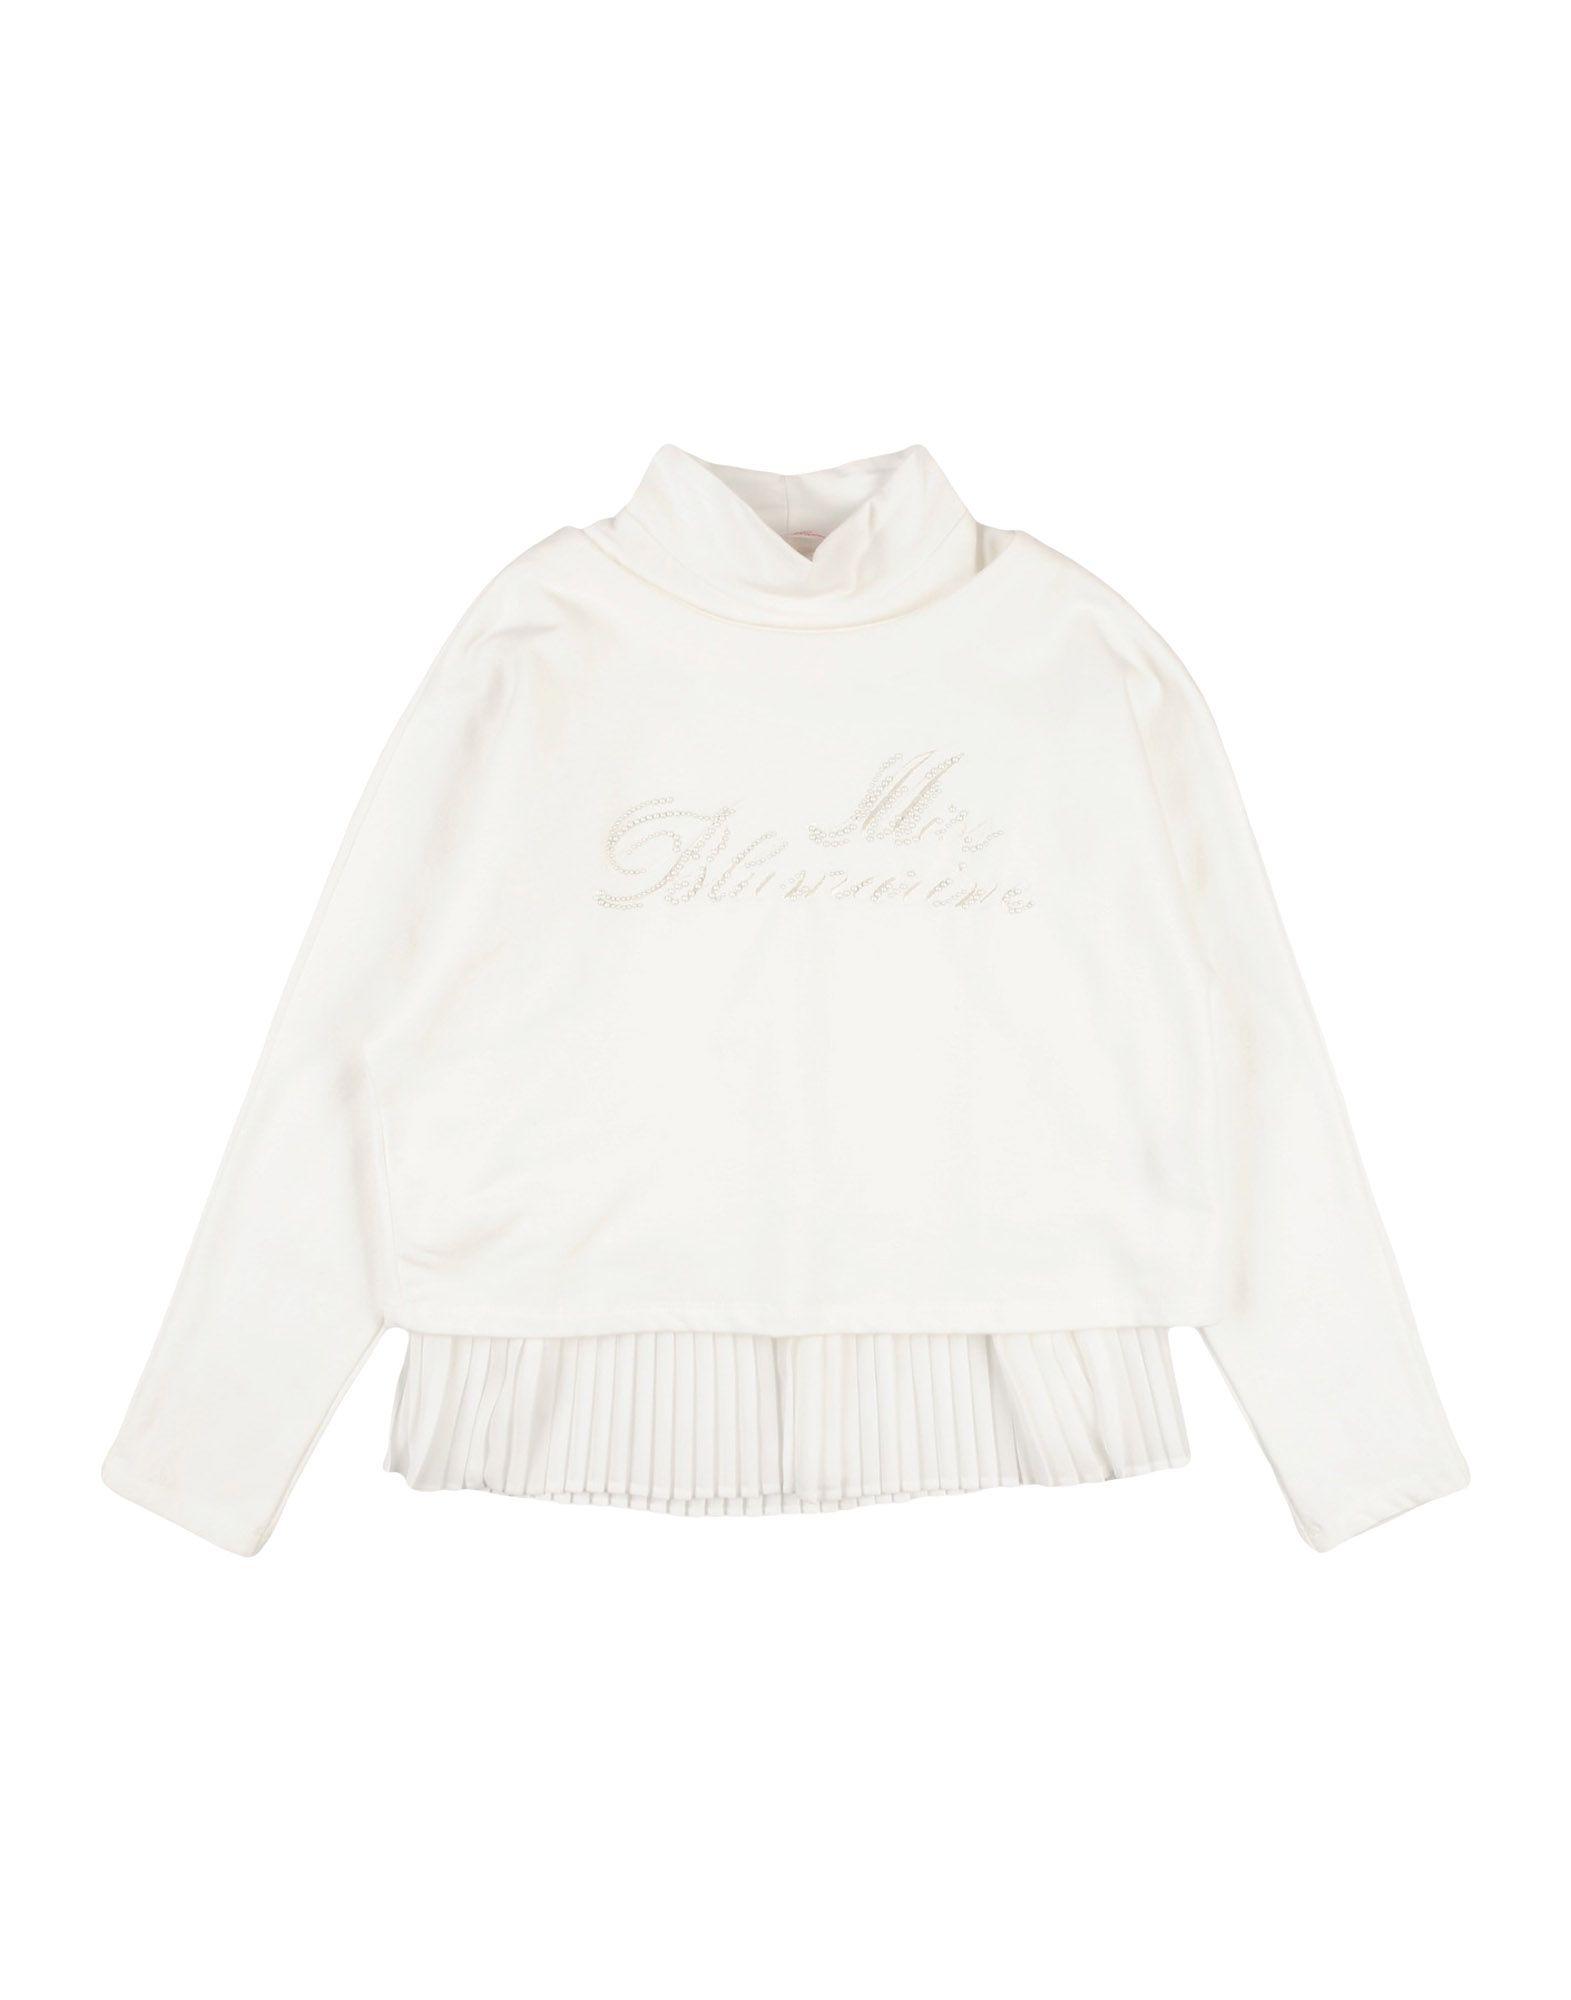 MISS BLUMARINE Sweatshirt in White